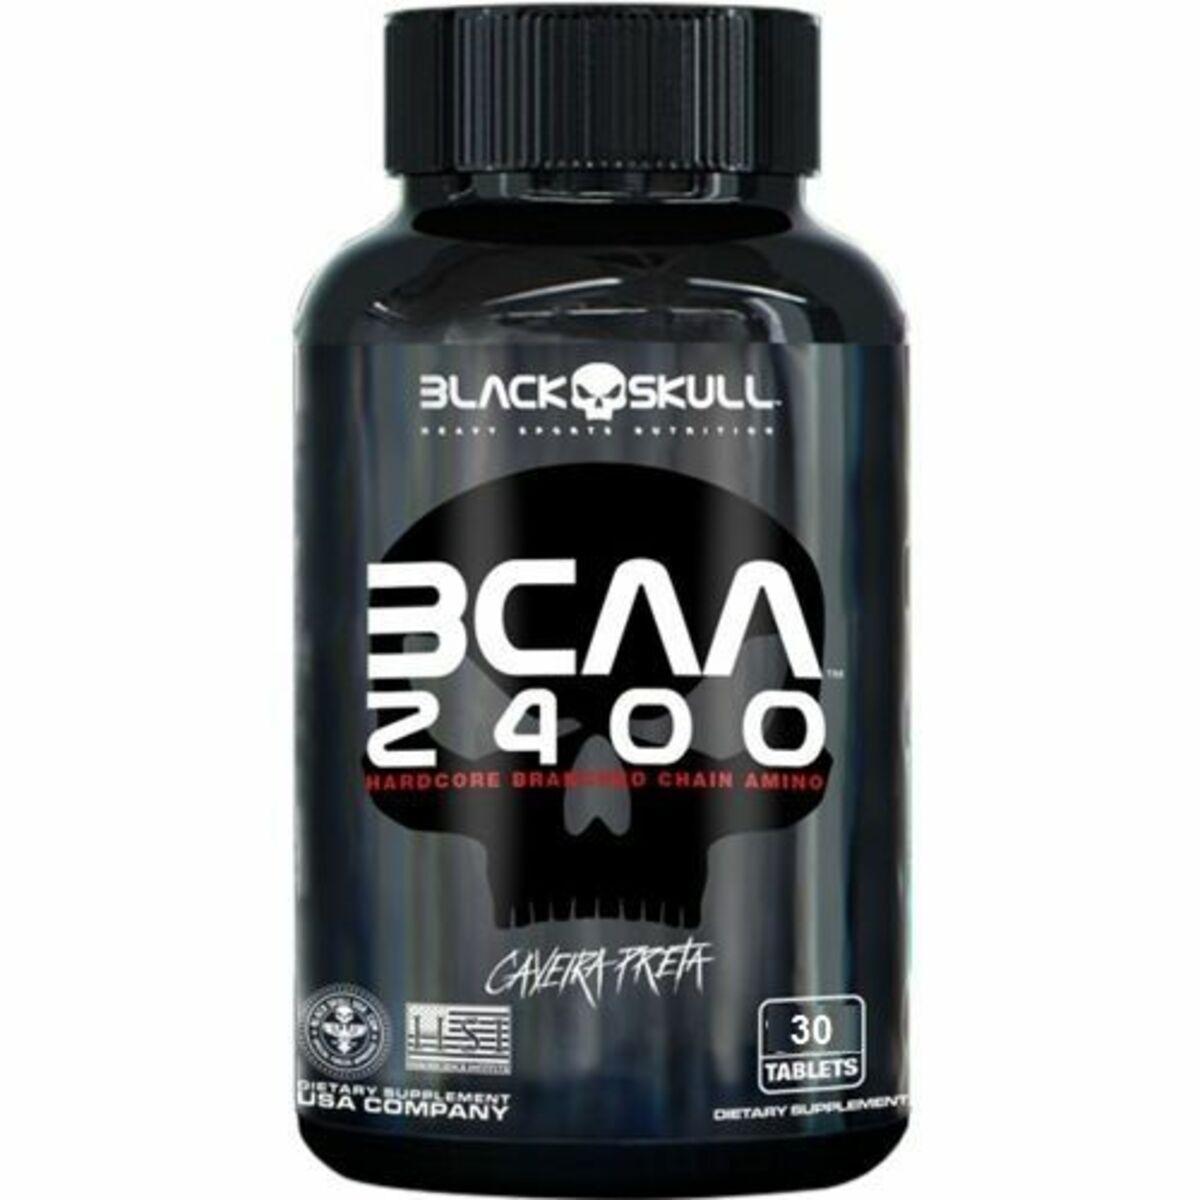 Bcaa 2400 - 30 Tablets - Black Skull